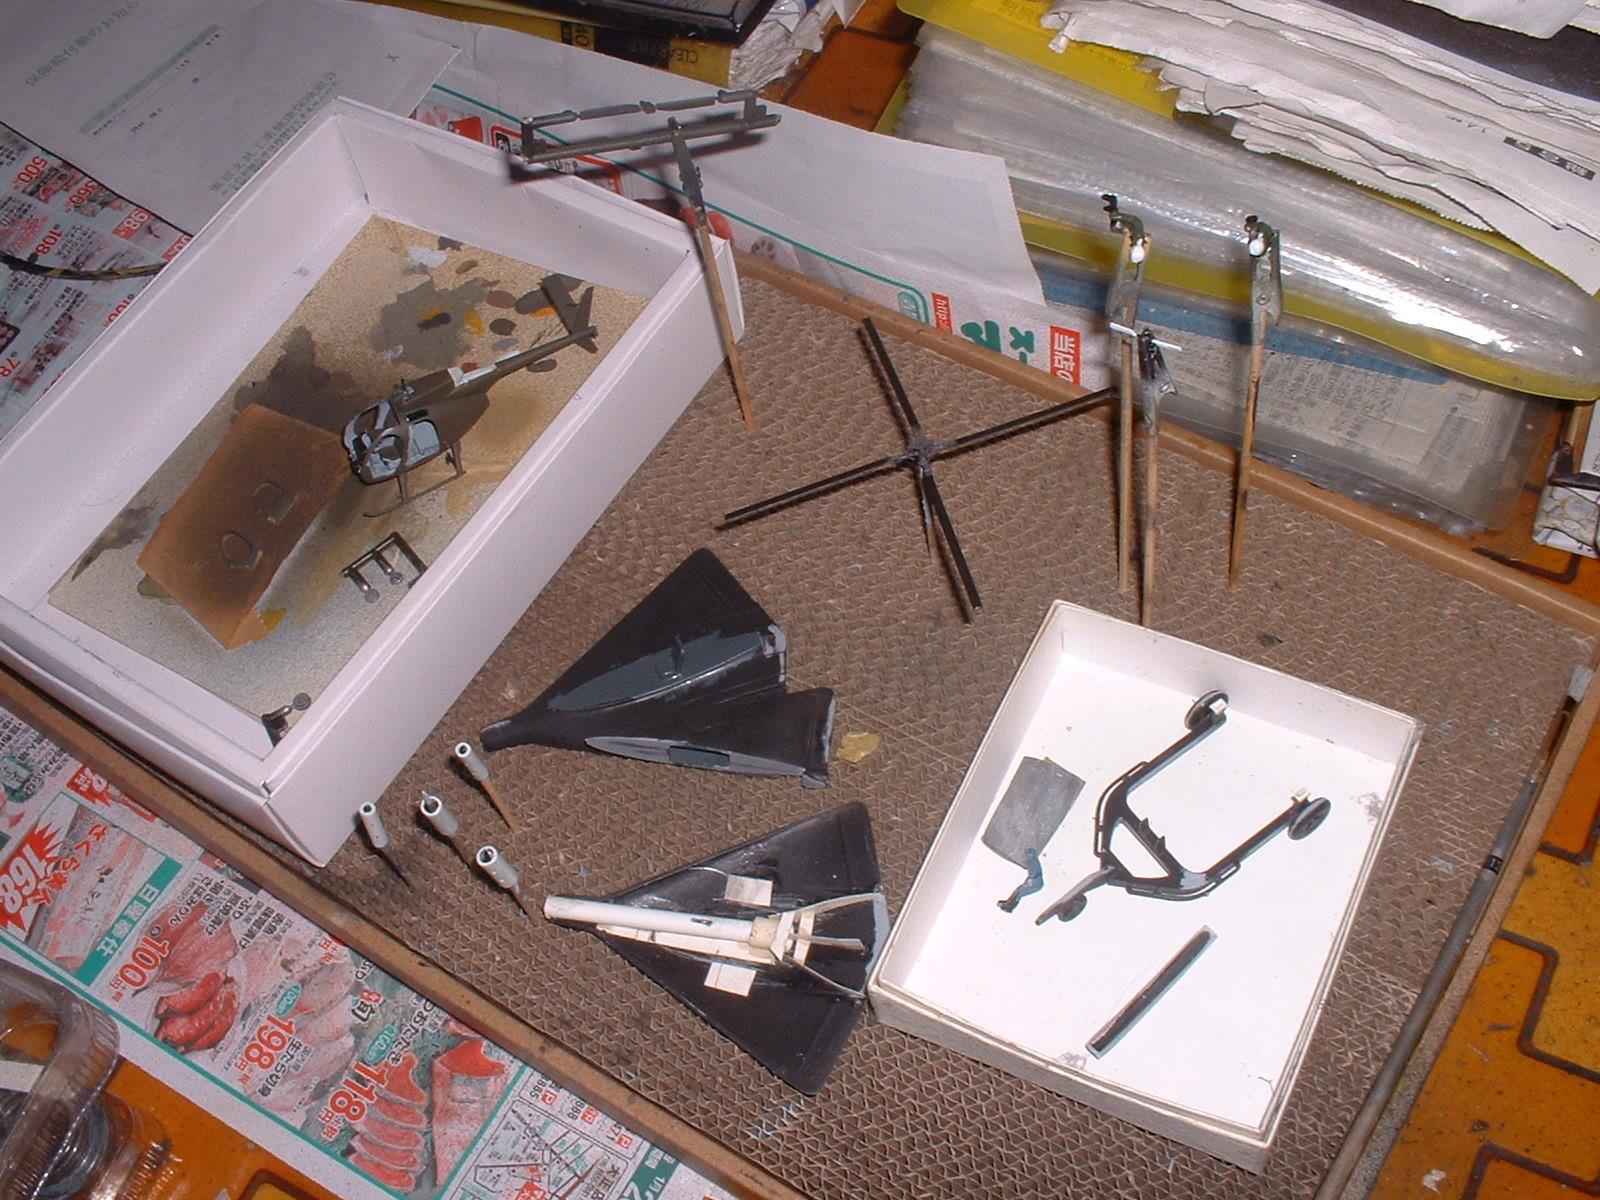 2017.01.29 時点 での模型工作 Doburoku-TAO.JPG